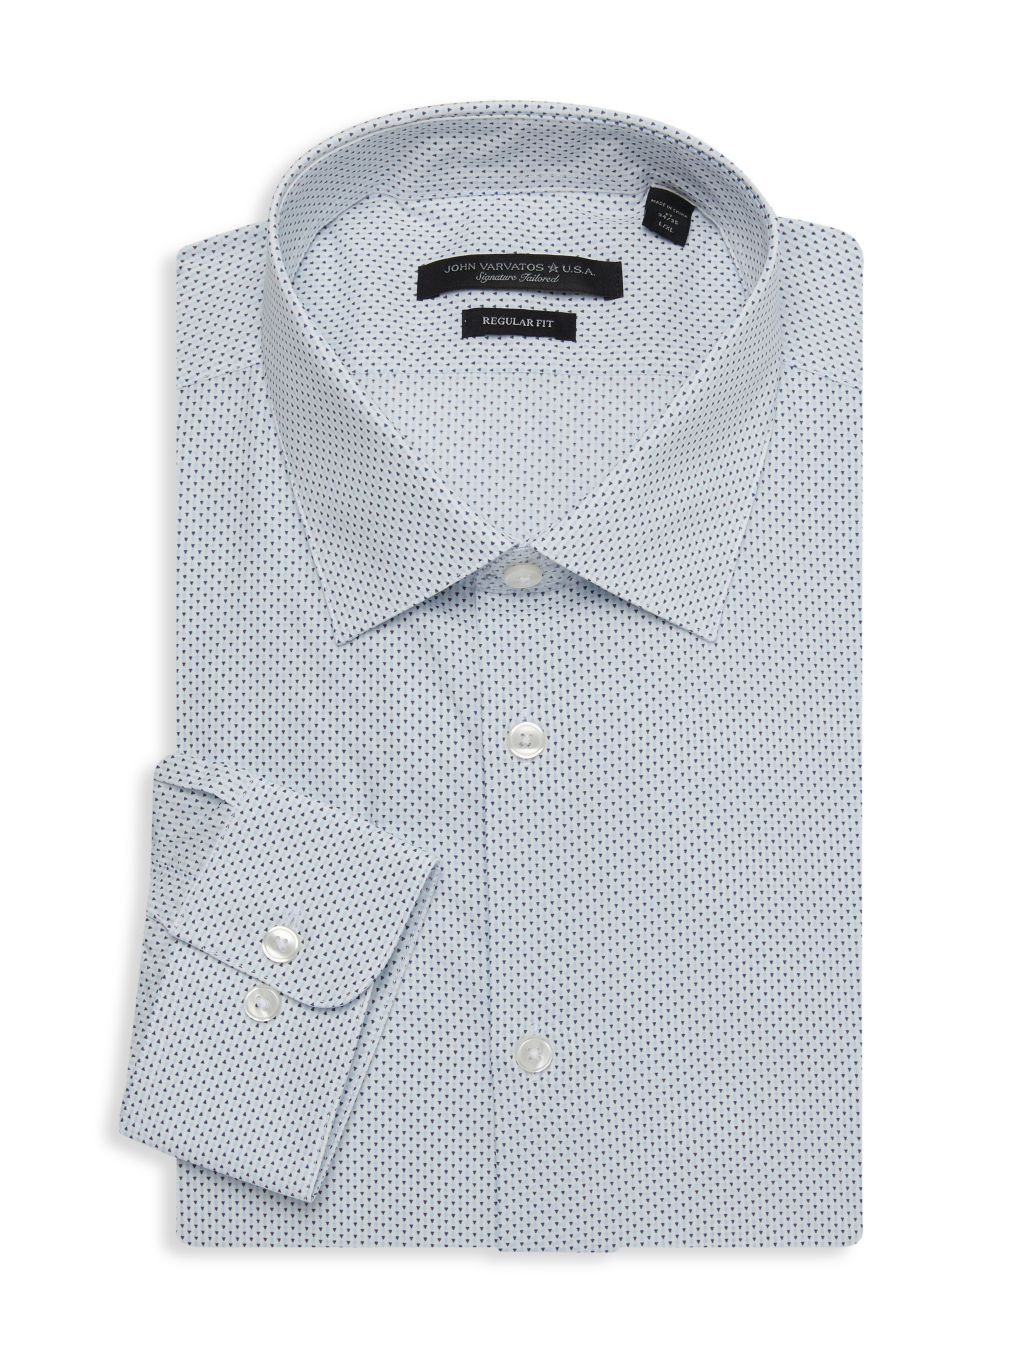 John Varvatos Star U.S.A. Spencer Regular-Fit Print Dress Shirt